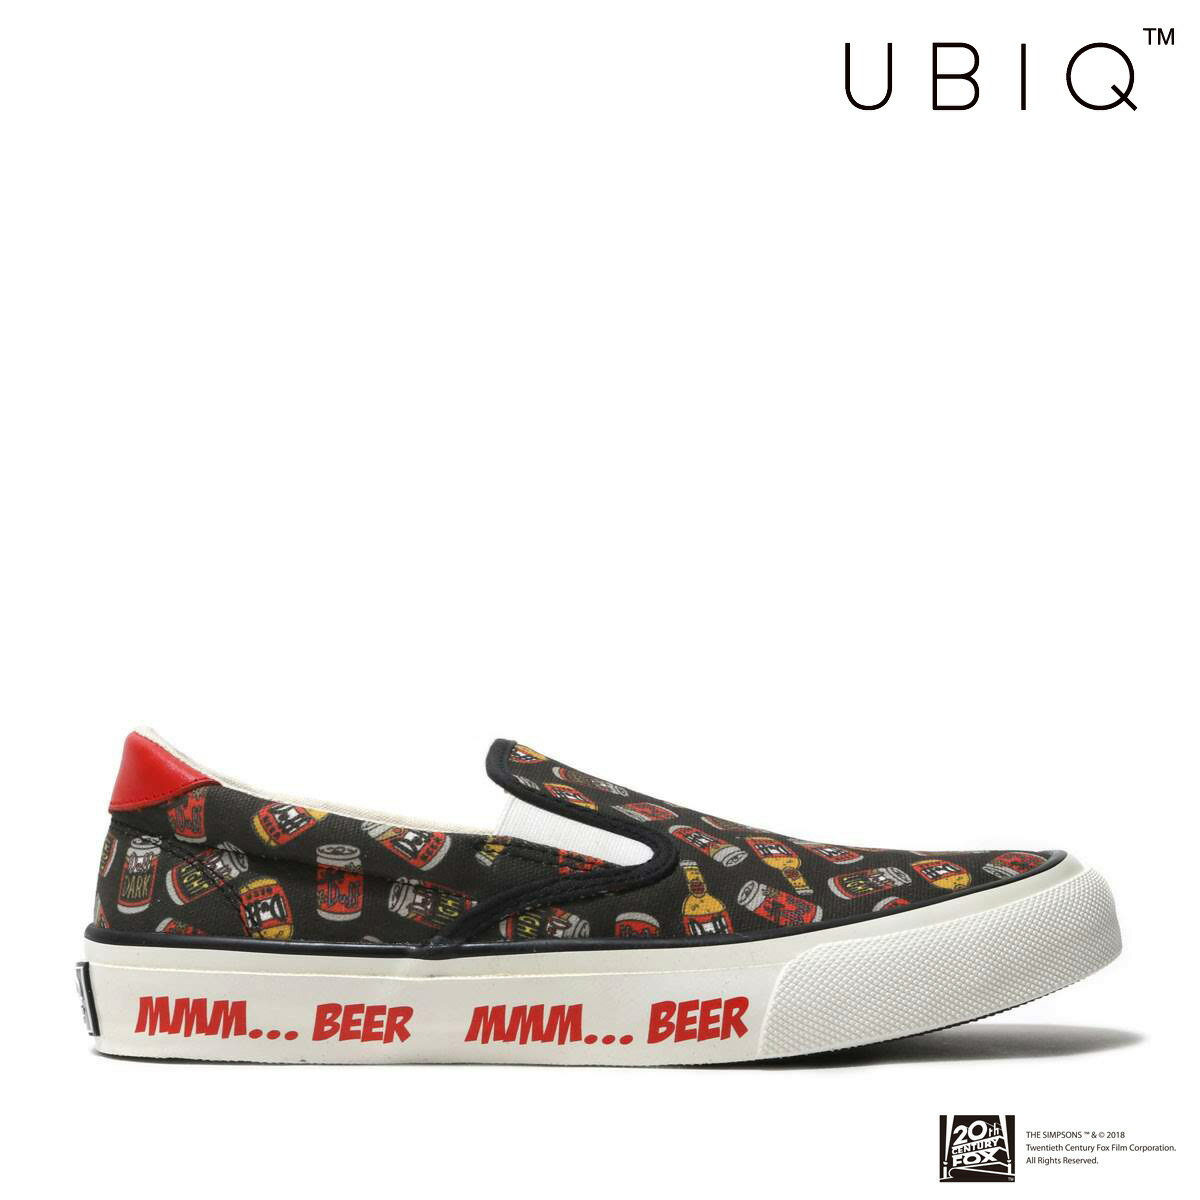 メンズ靴, スニーカー UBIQ HOGGE SIMPSONS(DUFF BEER)( )18SS-I